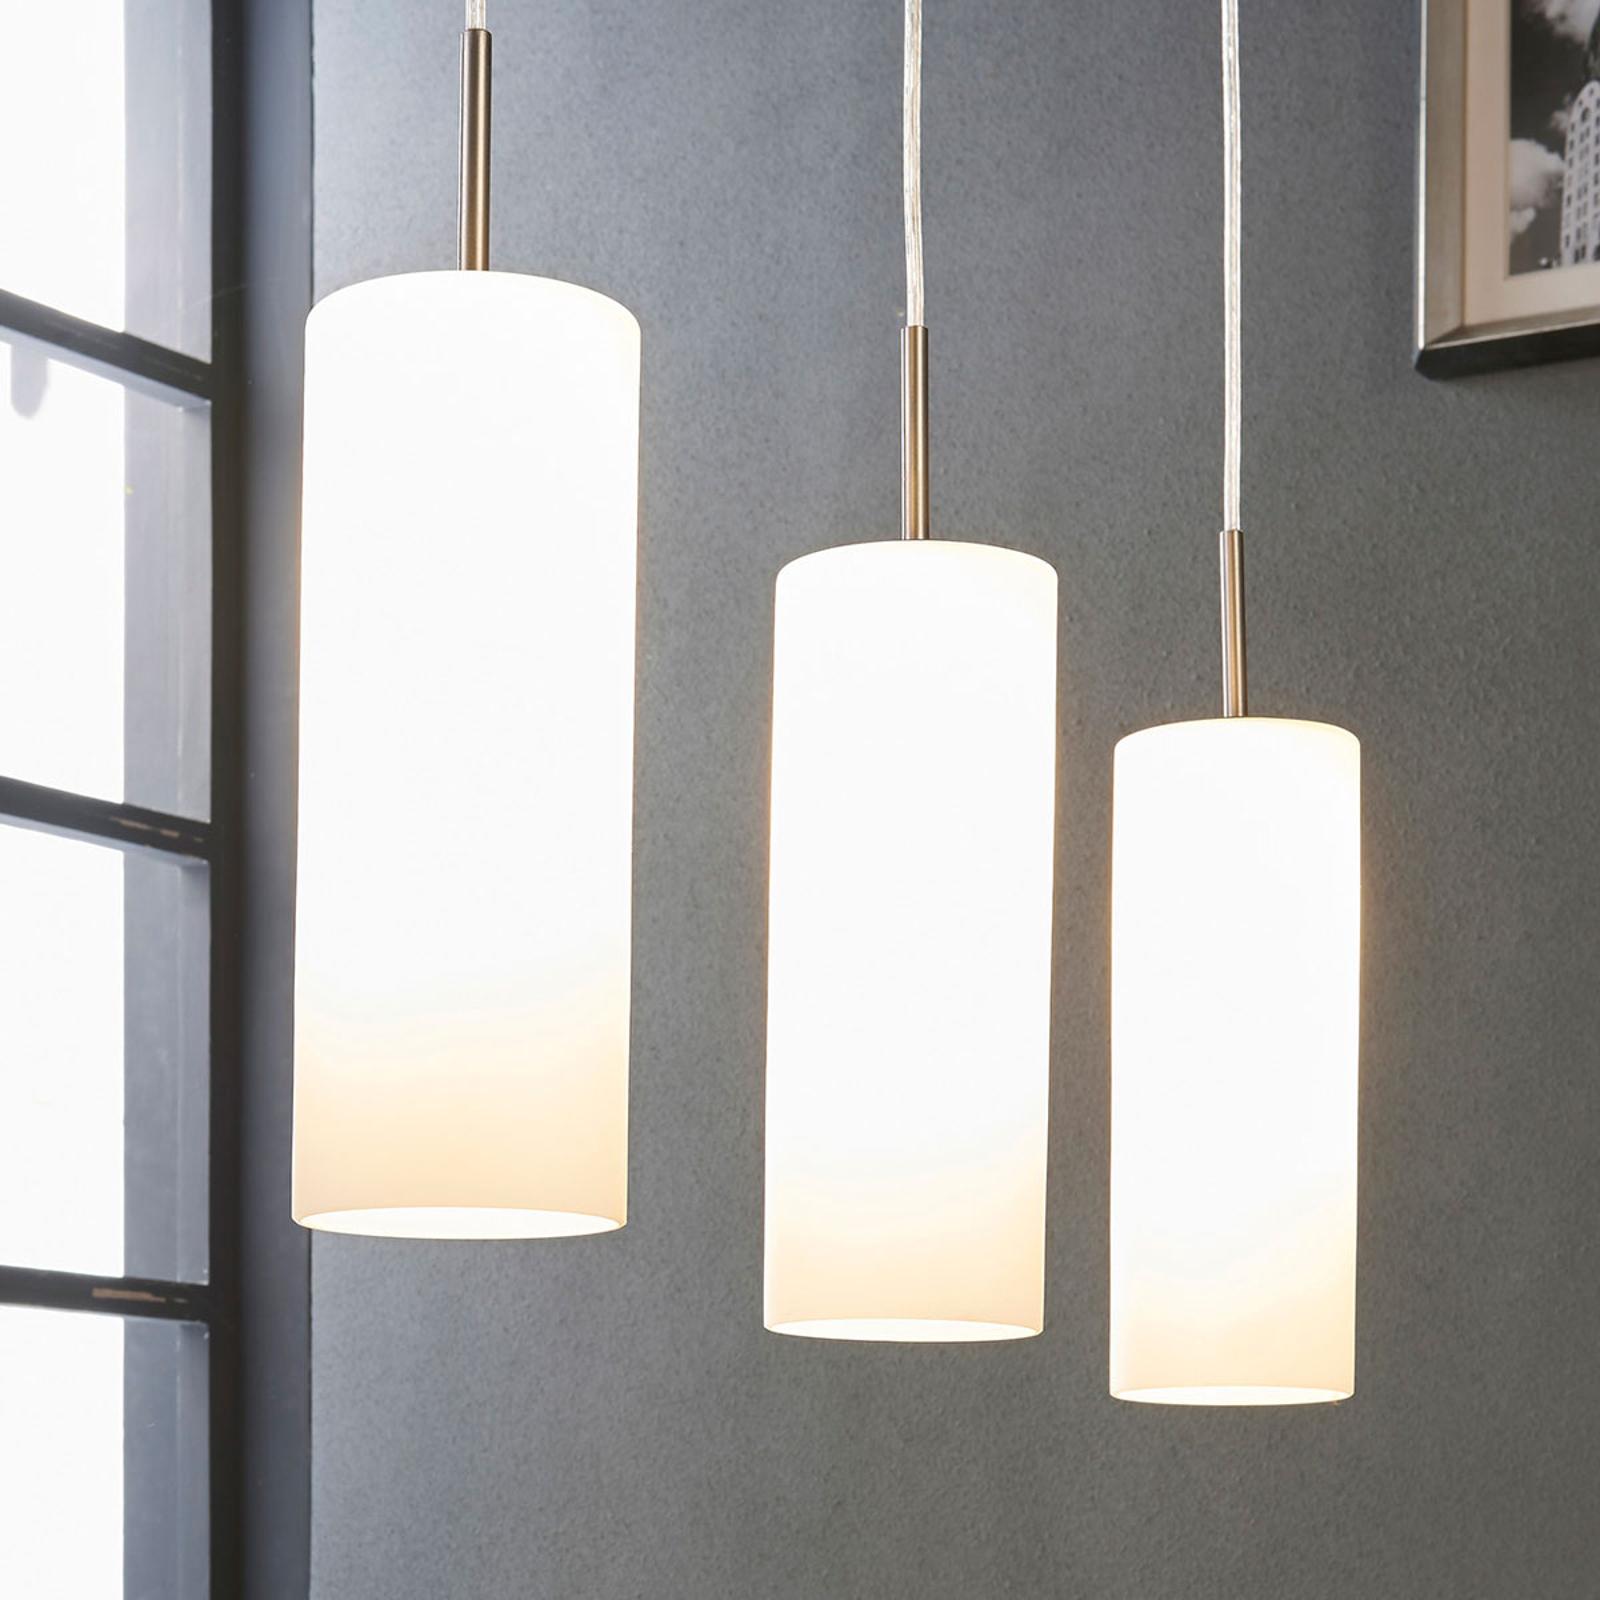 Vinsta - trelågig taklampa i vitt glas